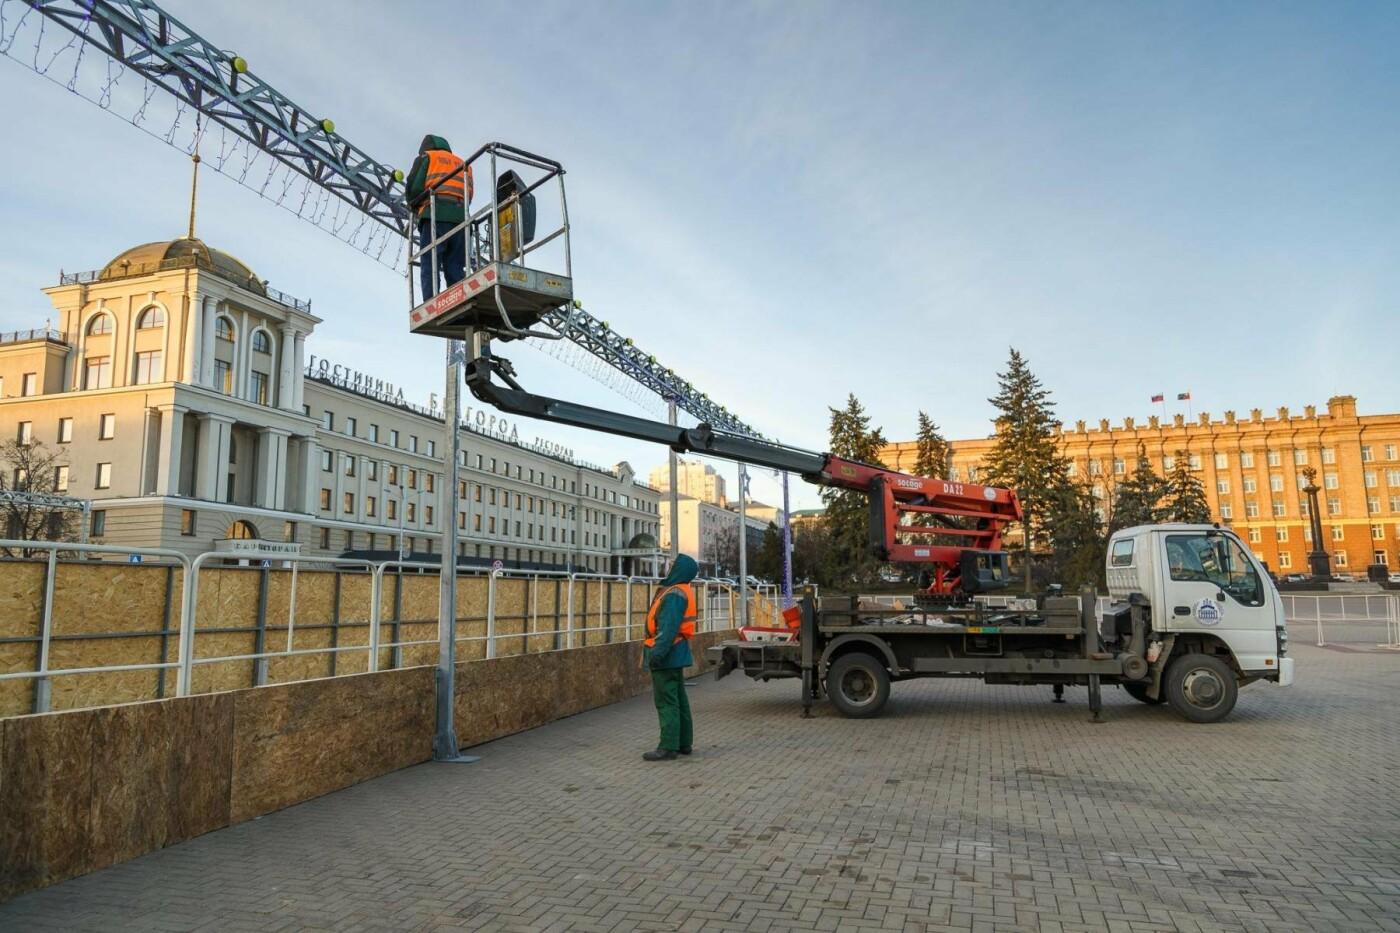 В соцсетях сообщили об установке ёлки на площади, но рабочие всё разобрали. Почему?, фото-15